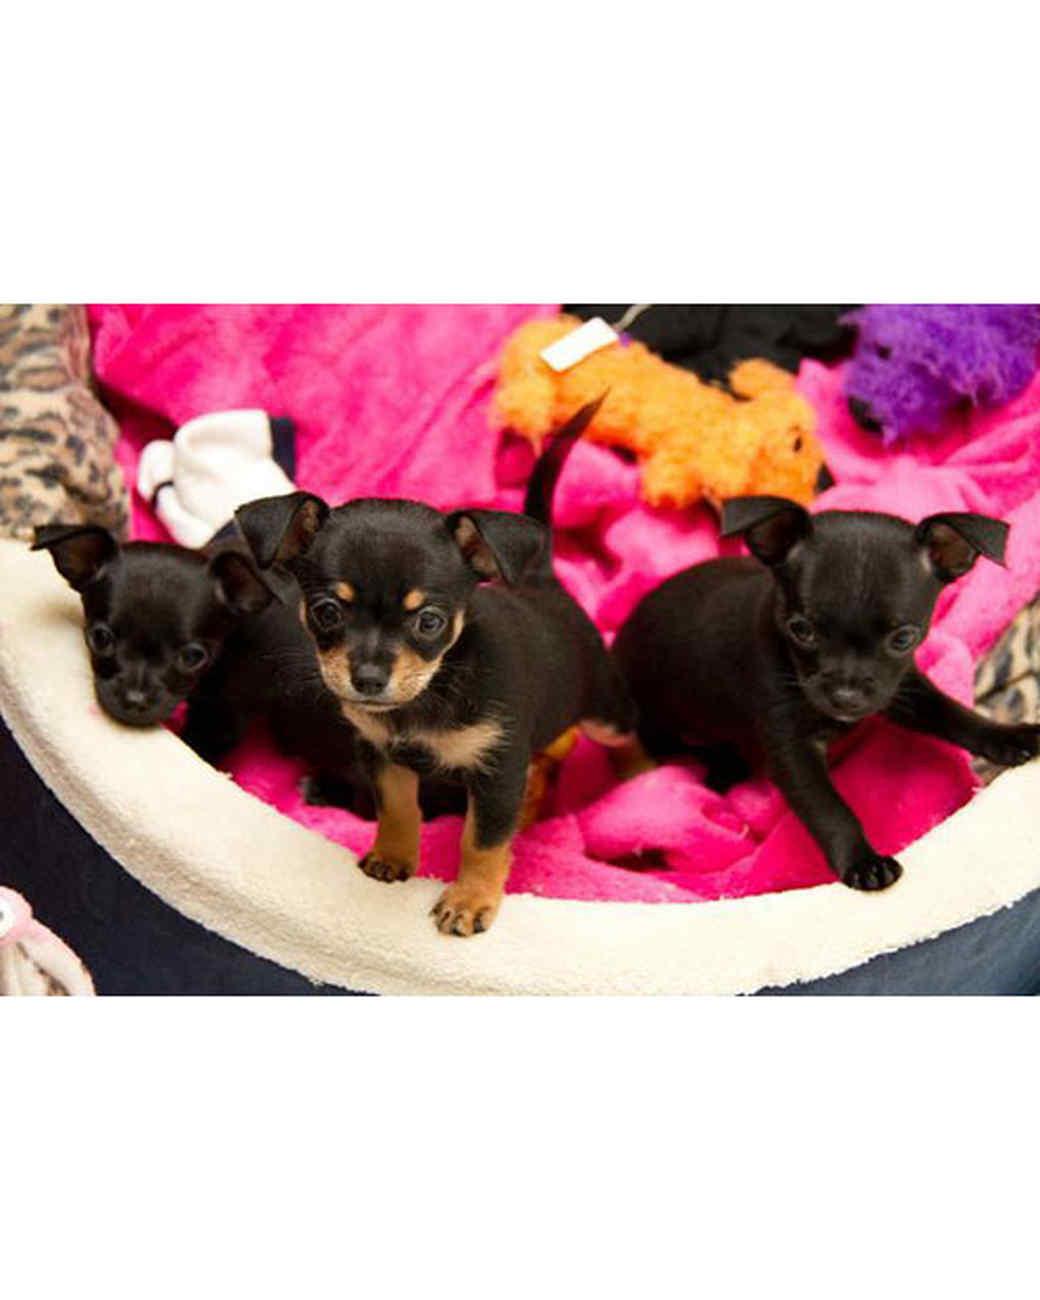 pets-at-play-0311-13009499_30701067.jpg